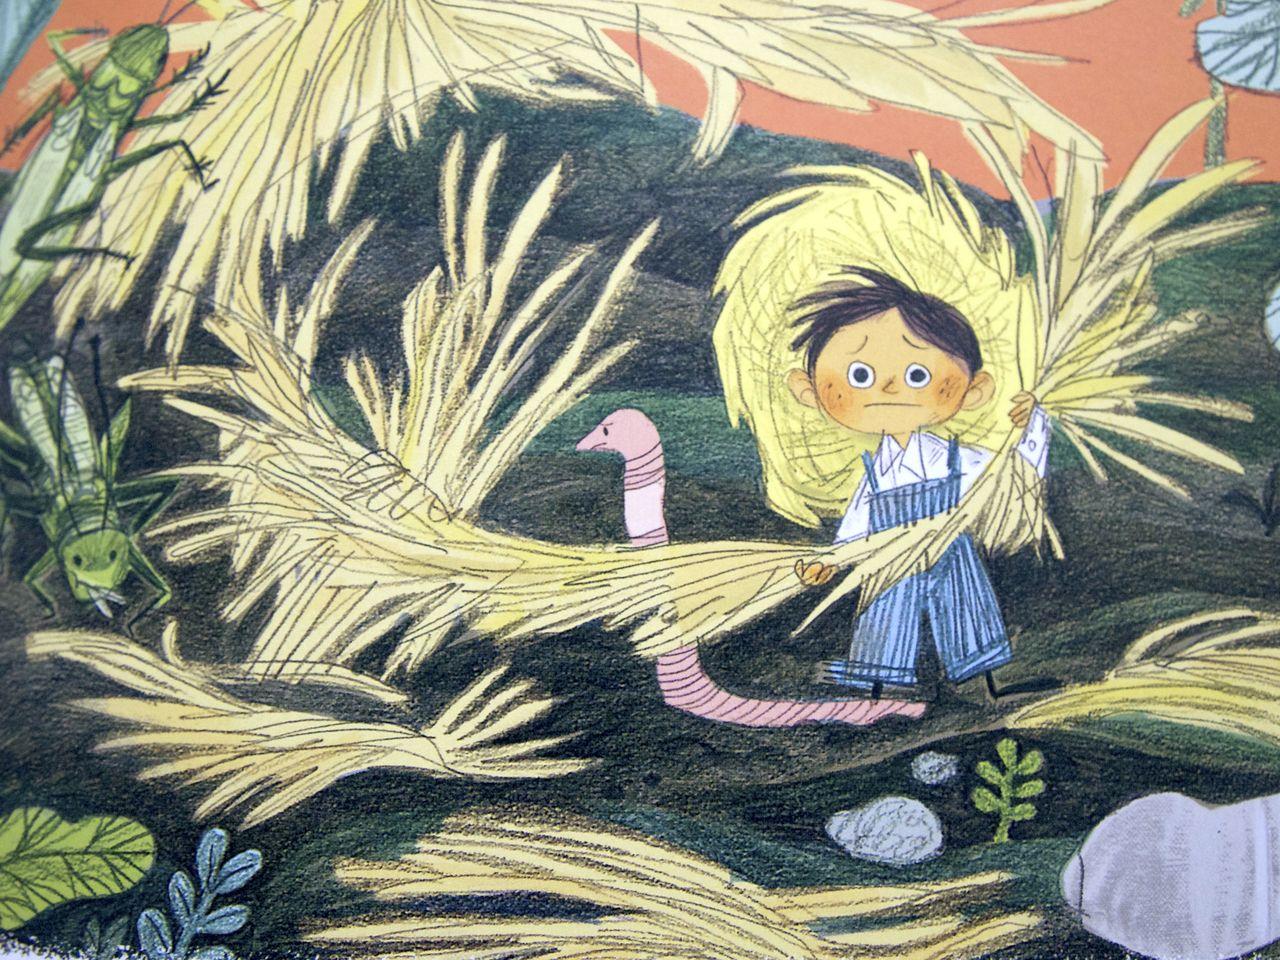 Emily Hughes, The little gardener, Flying Eye Books